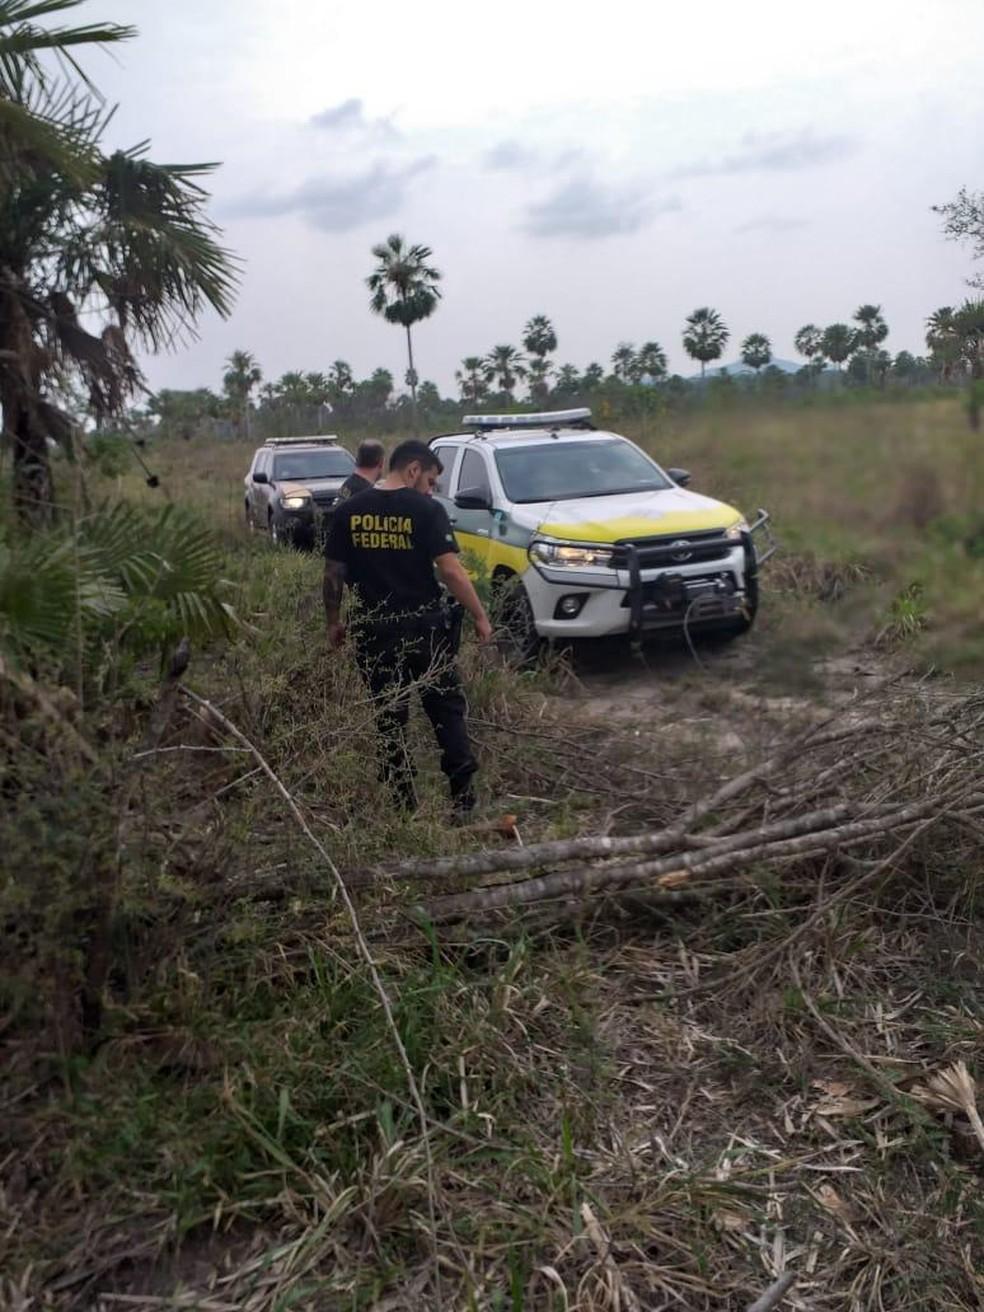 Polícia Federal em Operação na Aldeia Kadiwéu, no Pantanal de Mato Grosso do Sul — Foto: PF/Divulgação